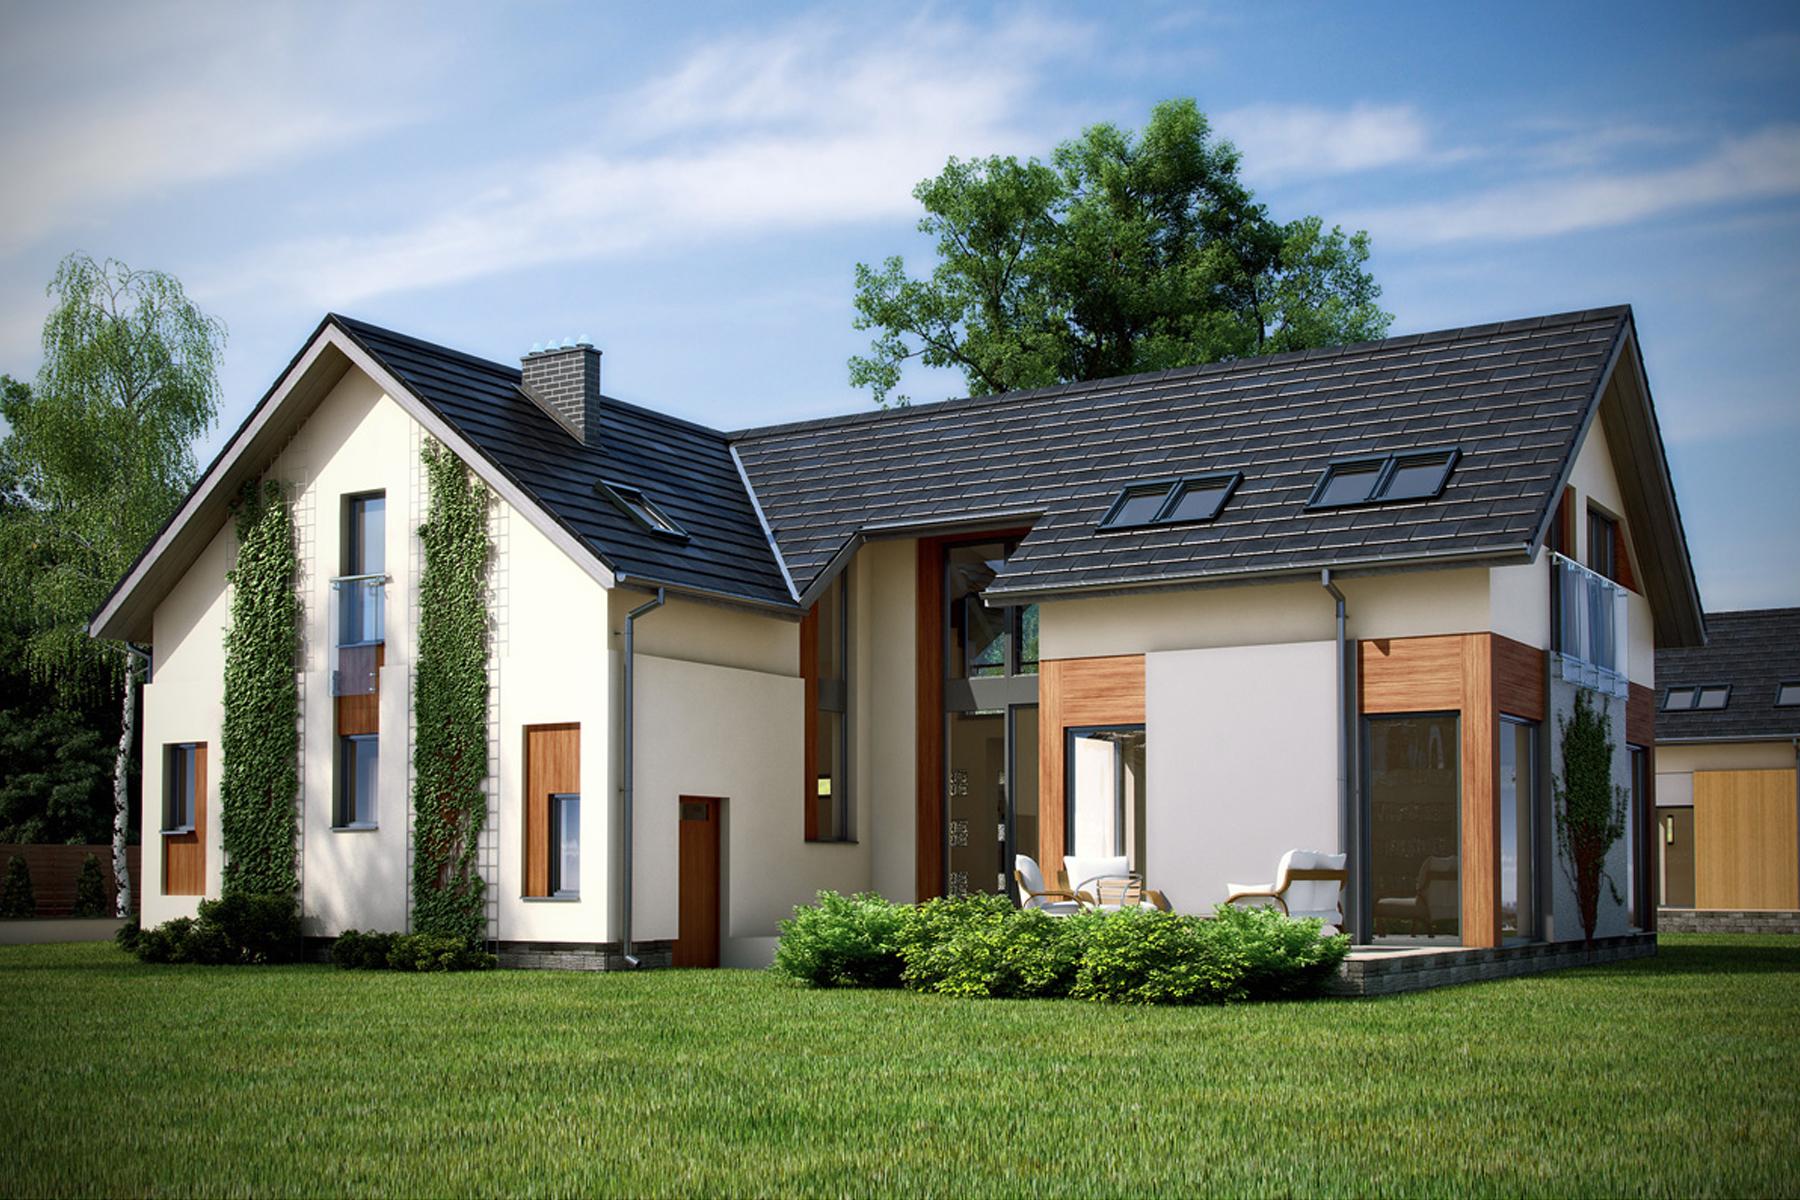 Single Family Home for Sale at Kraków Zielonki - Krakowskie Przedmieście Cracow, Malopolska, Poland